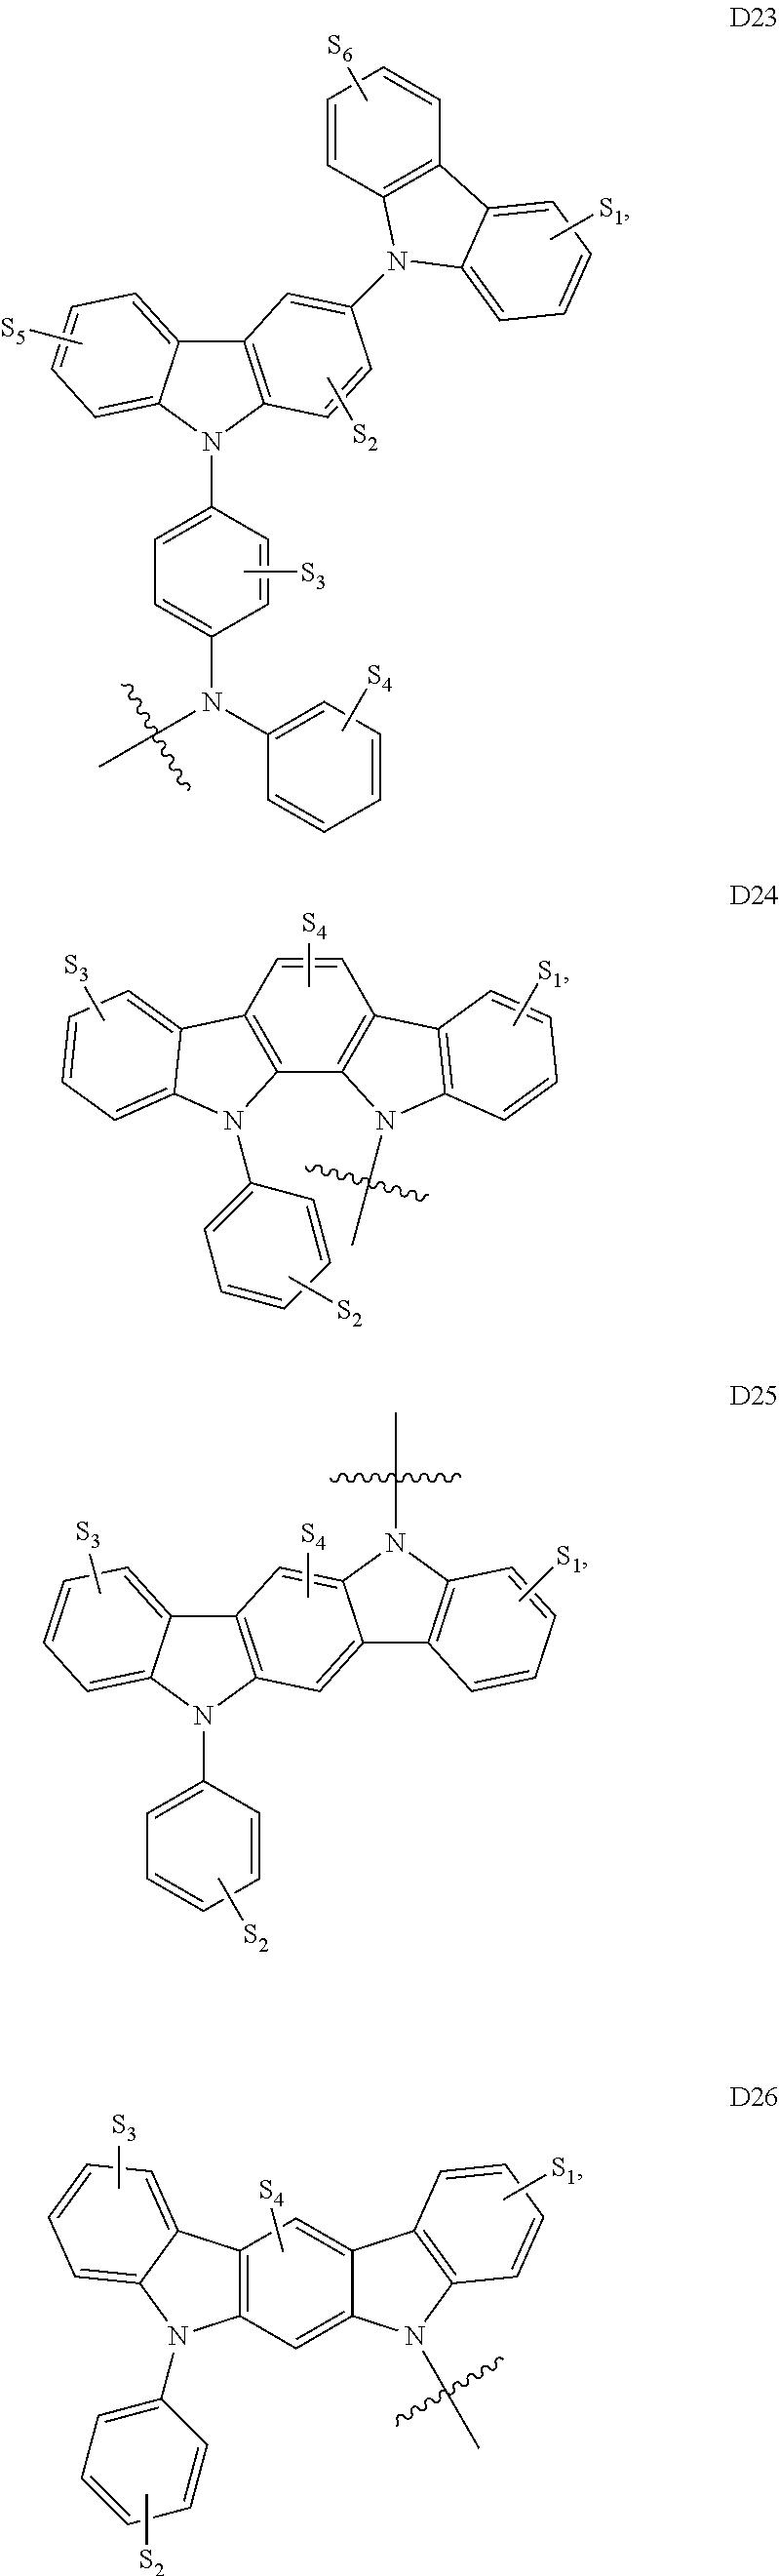 Figure US09324949-20160426-C00053